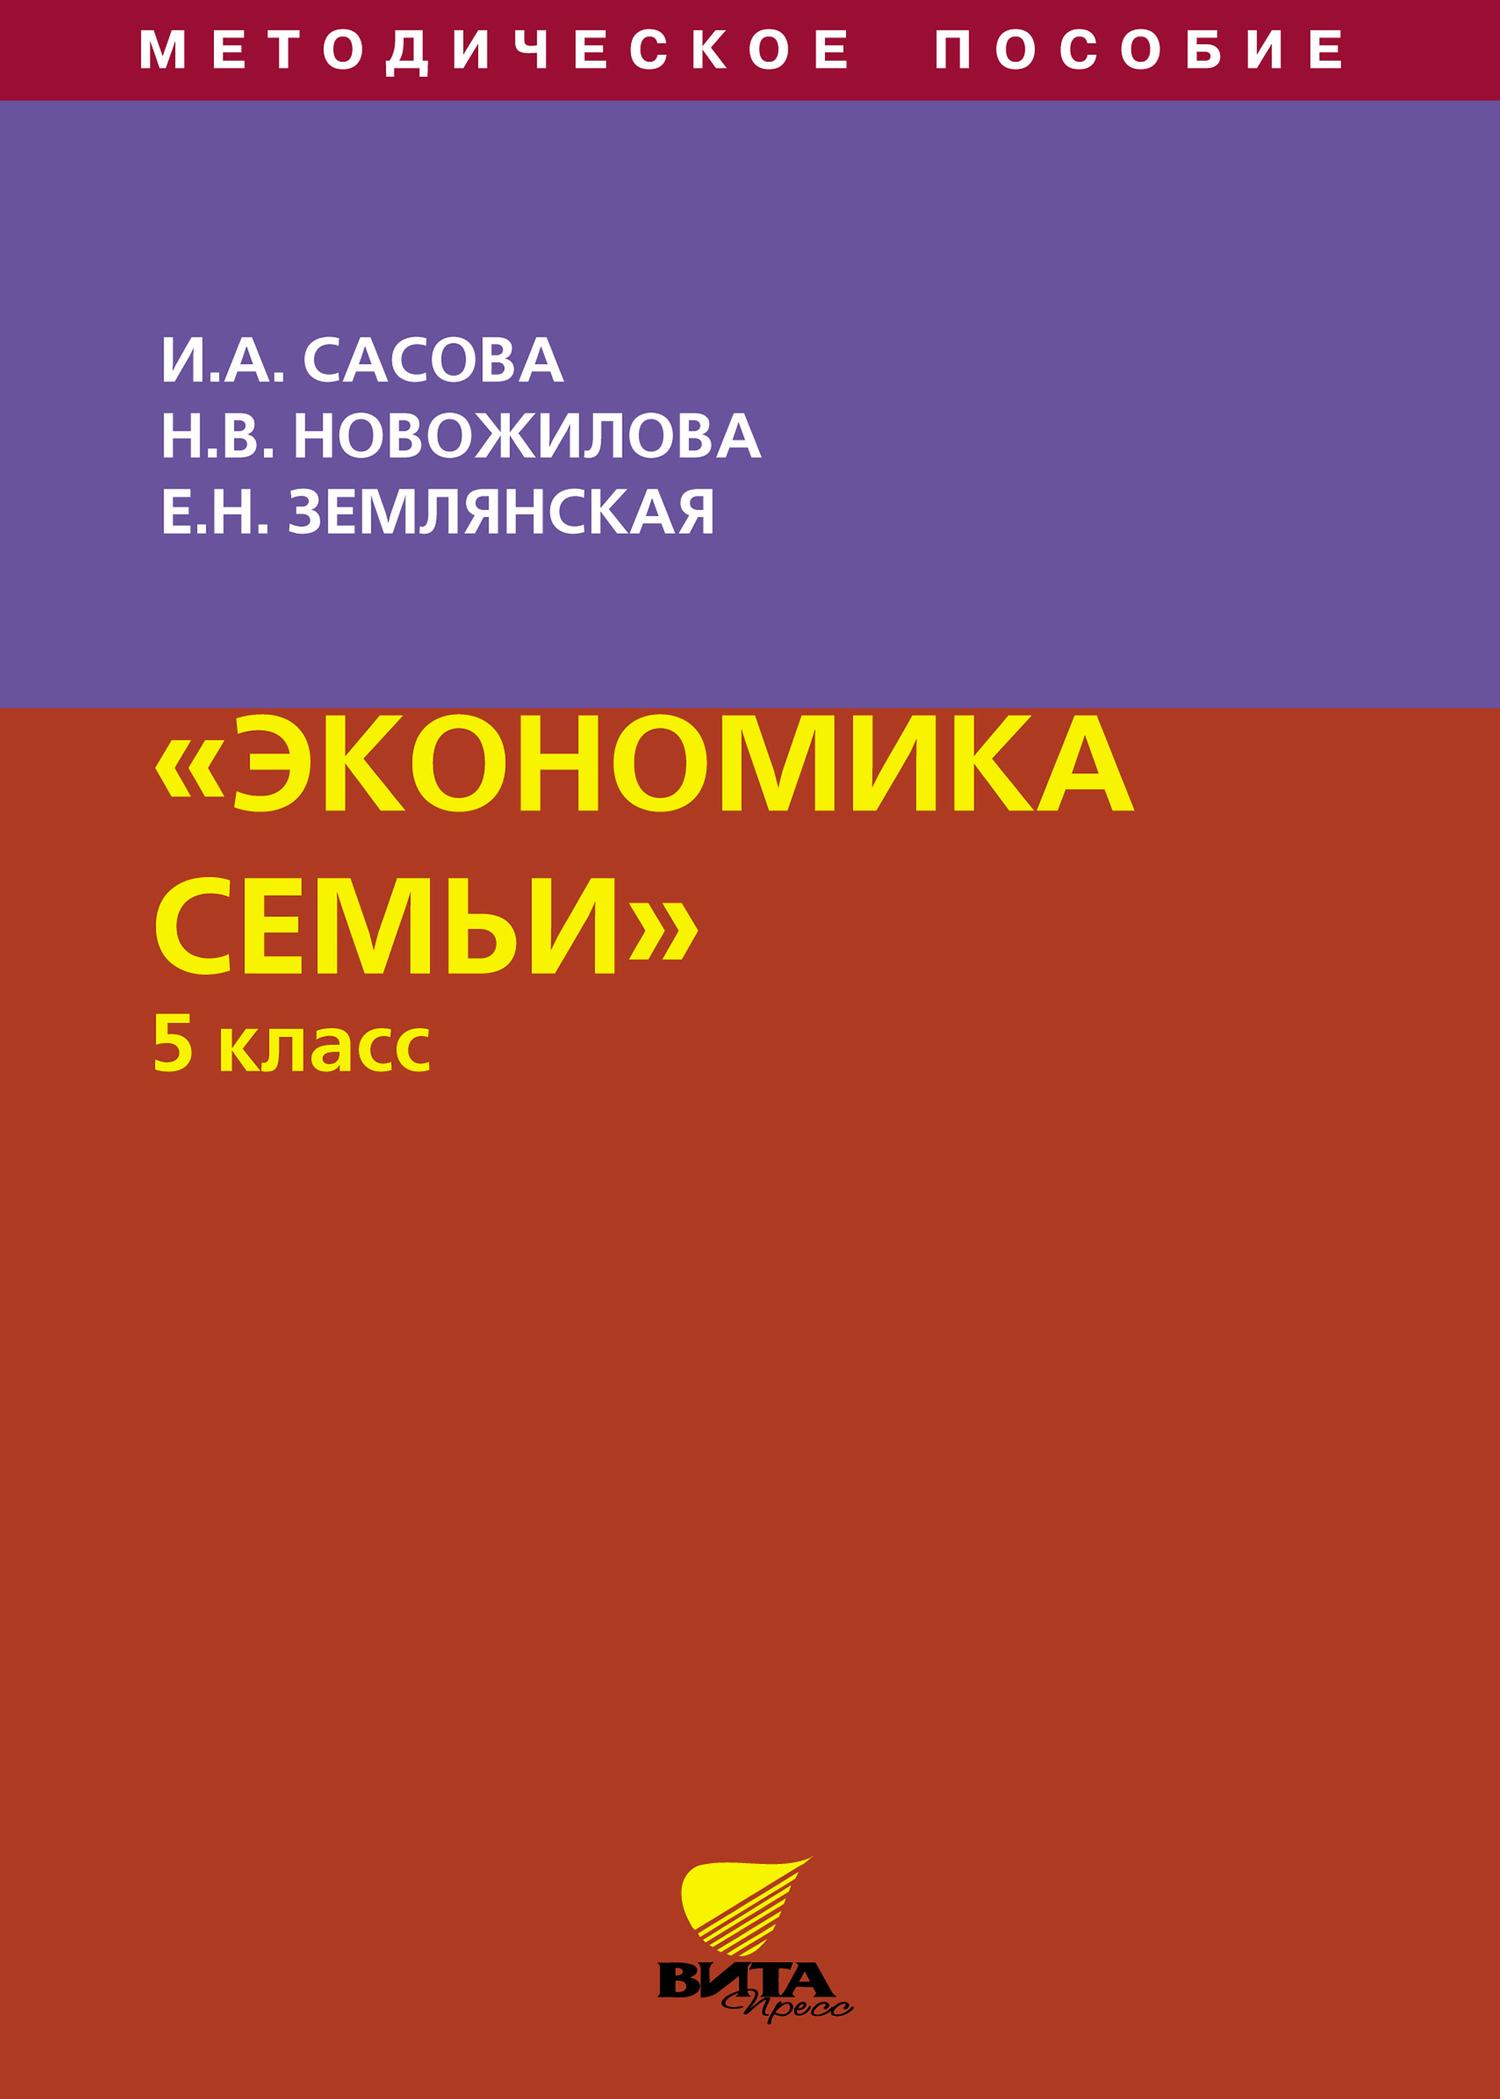 Н. В. Новожилова. Экономика семьи. 5 класс. Методическое пособие